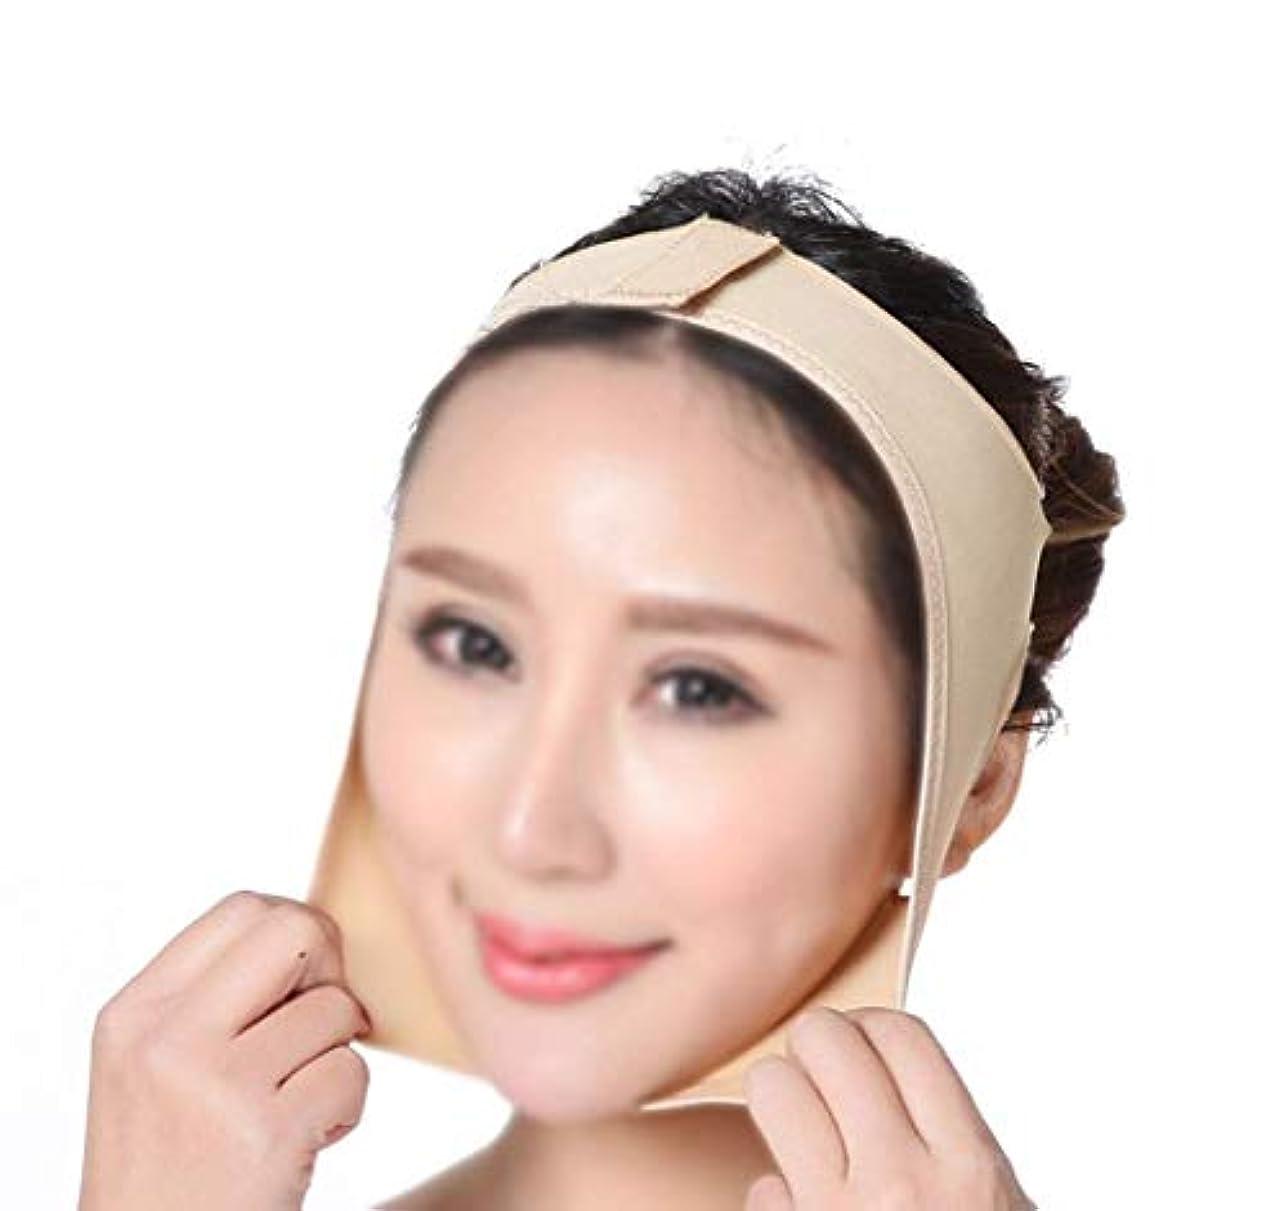 鉛レザー永久にファーミングフェイスマスク、通気性フェイスバンデージVフェイスデバイススリープ薄型フェイスマスクフェイスマッサージ器具フェイスリフティングフェイスリフティングツール(サイズ:Xl),M